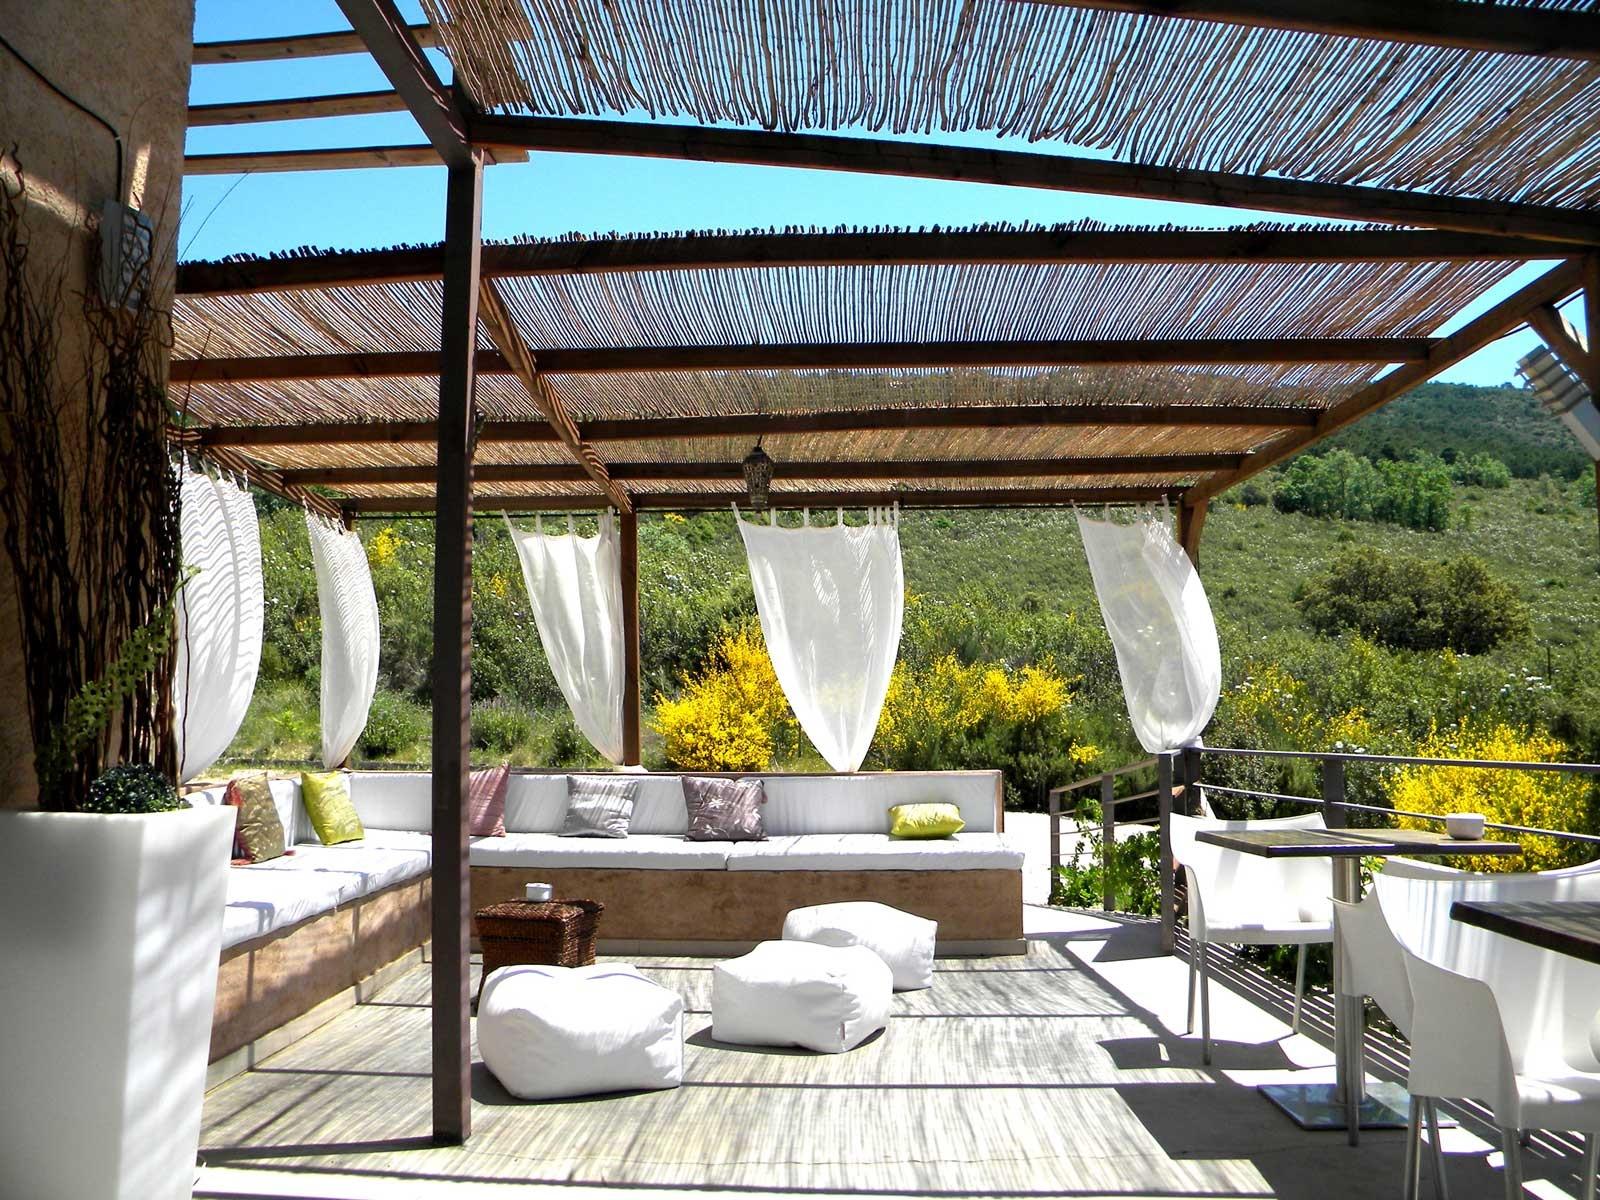 Instalada em um terreno próximo à entrada do Parque Nacional de Cabañeros, perto de Toledo, a pousada rural El Refugio de Cristal é um paraíso da sustentabilidade